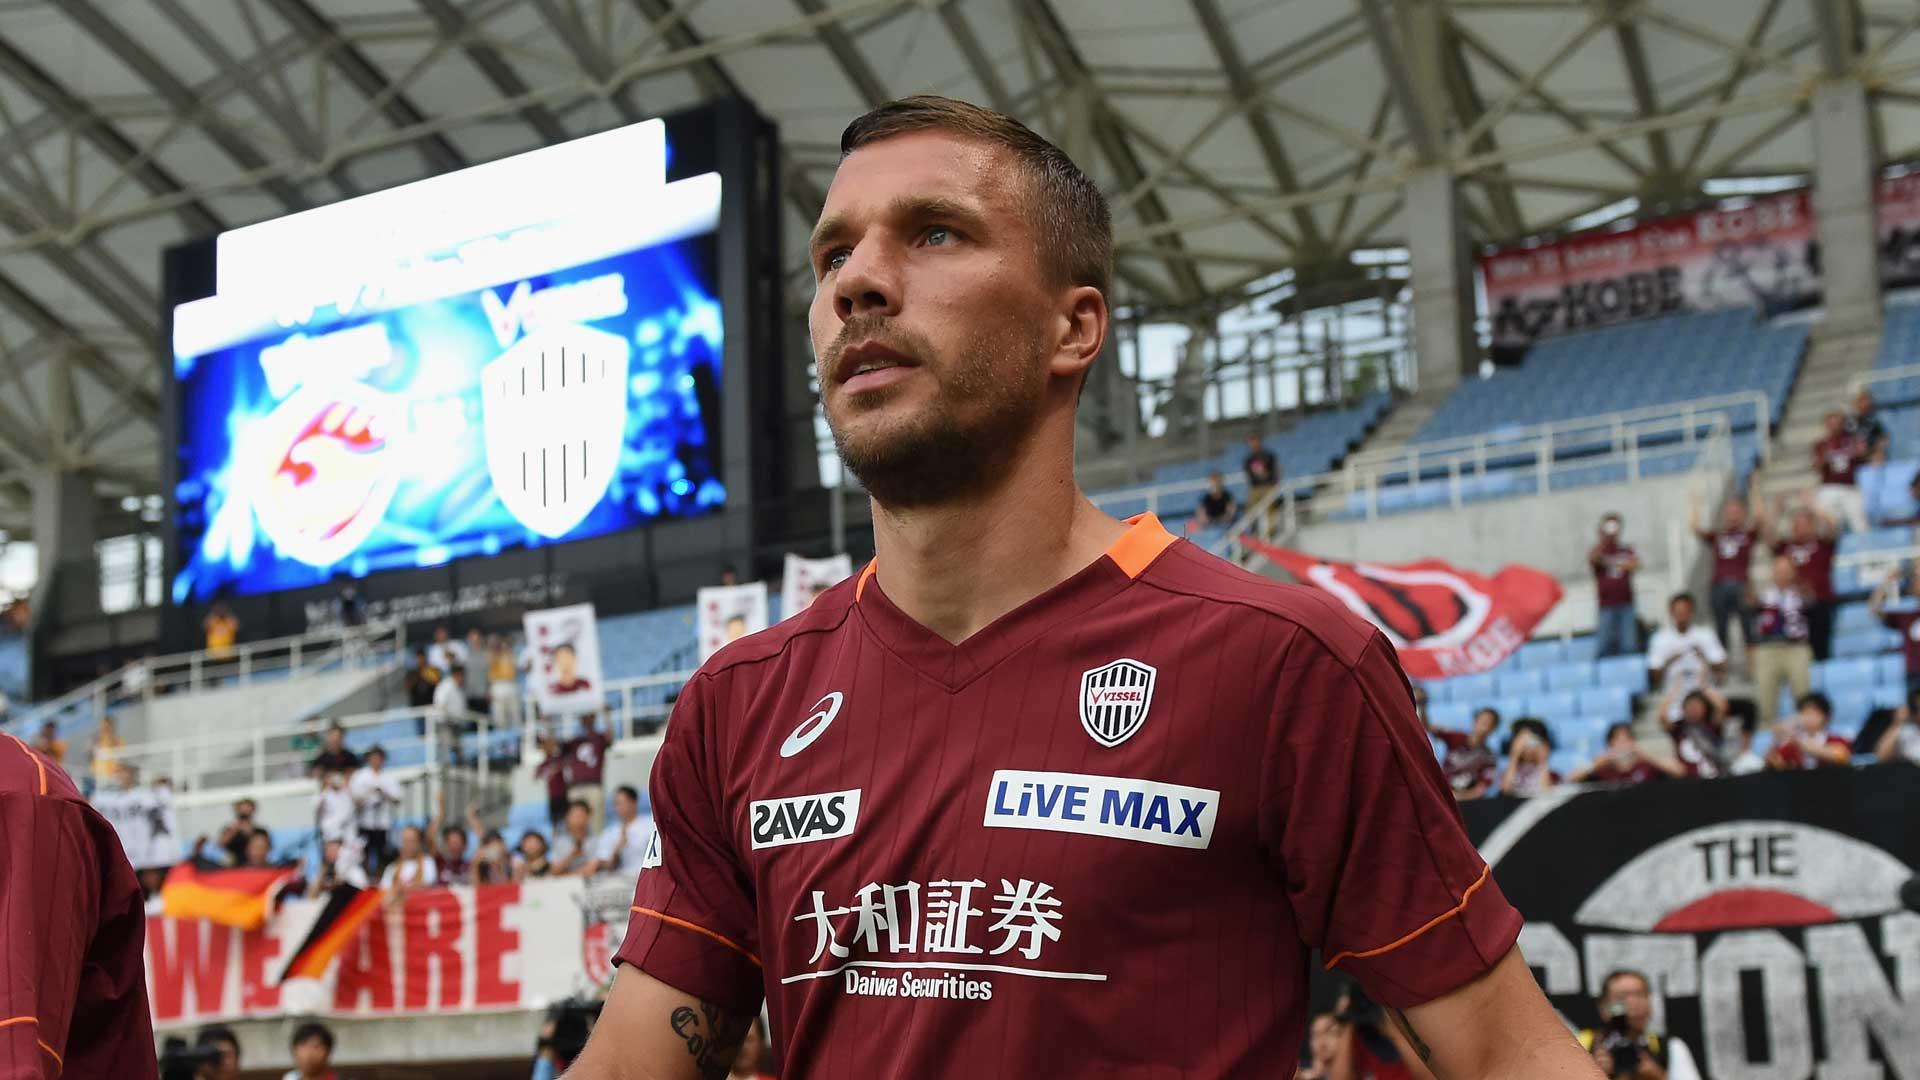 Traum-Debüt in Japan: Lukas Podolski schnürt Doppelpack bei Kobe-Einstand